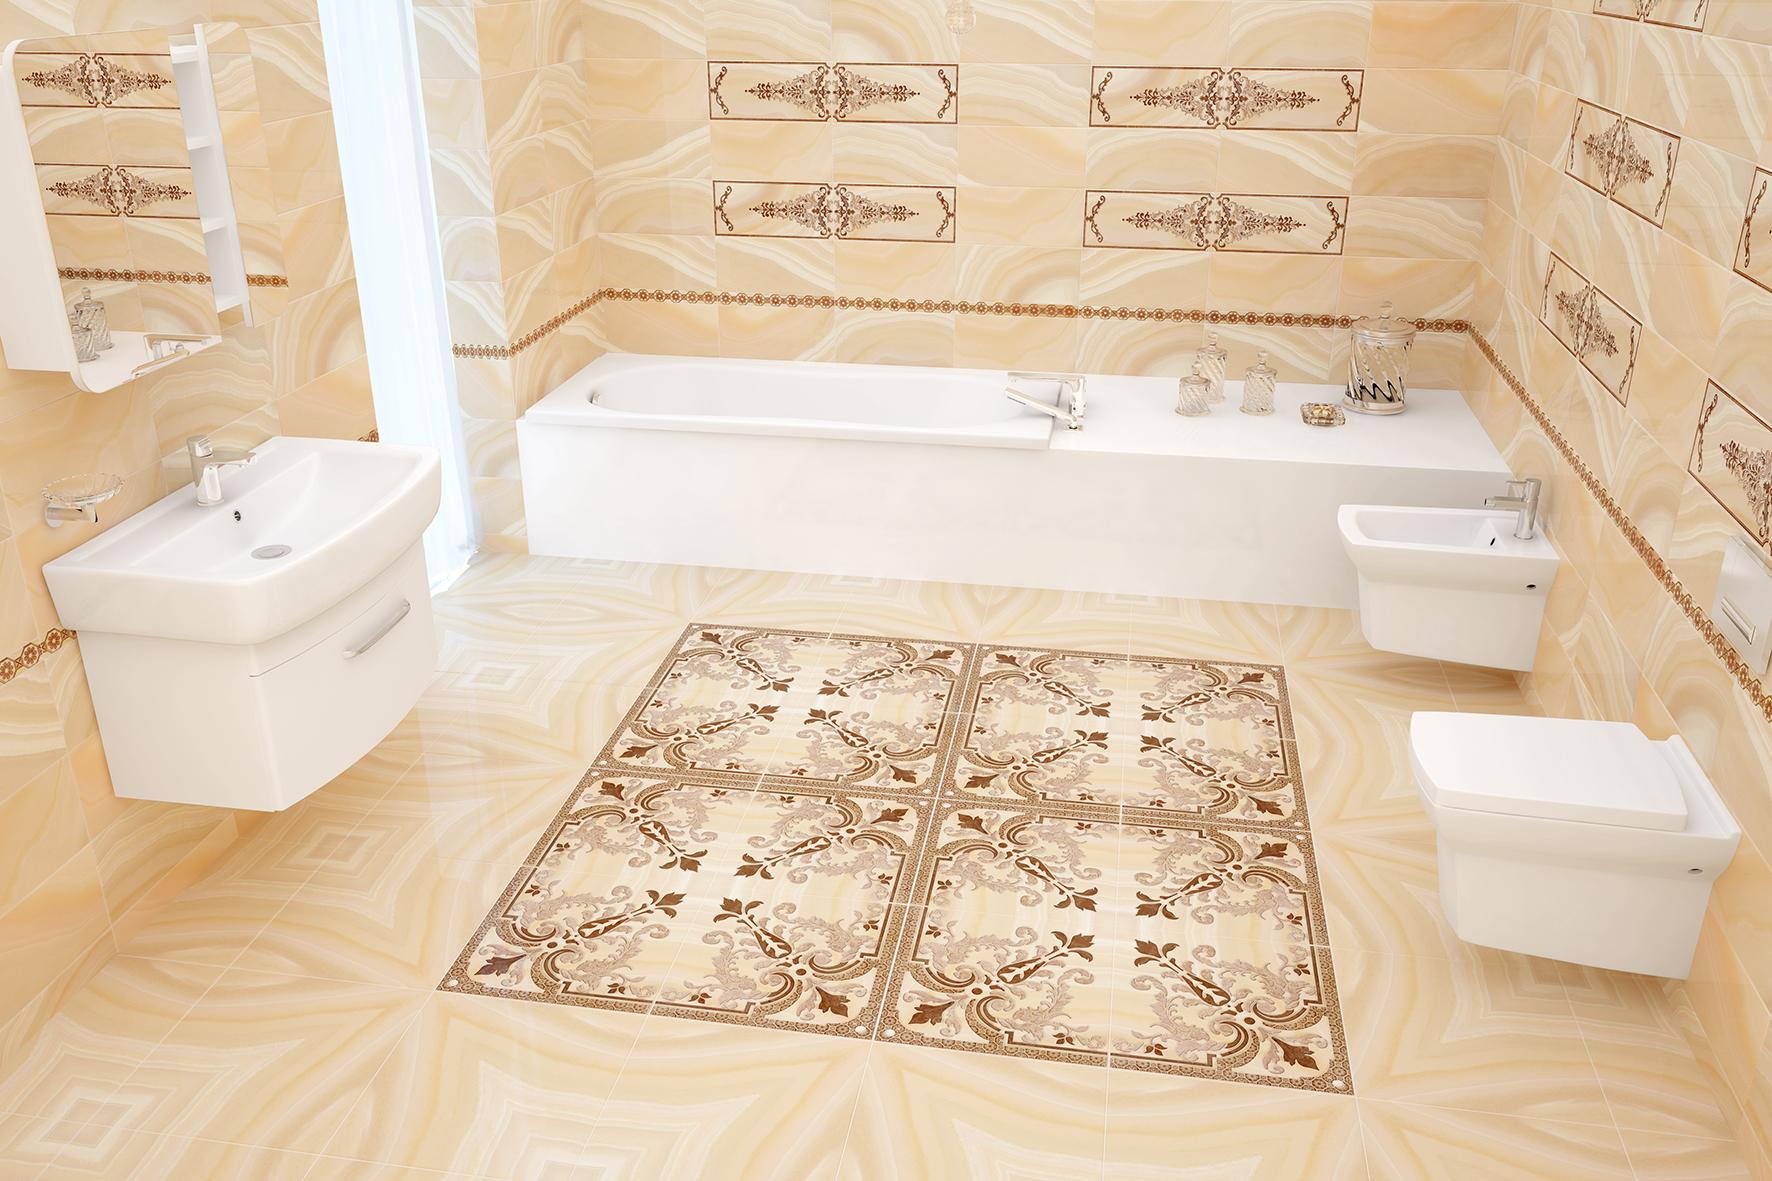 carreaux antidérapants dans la salle de bain